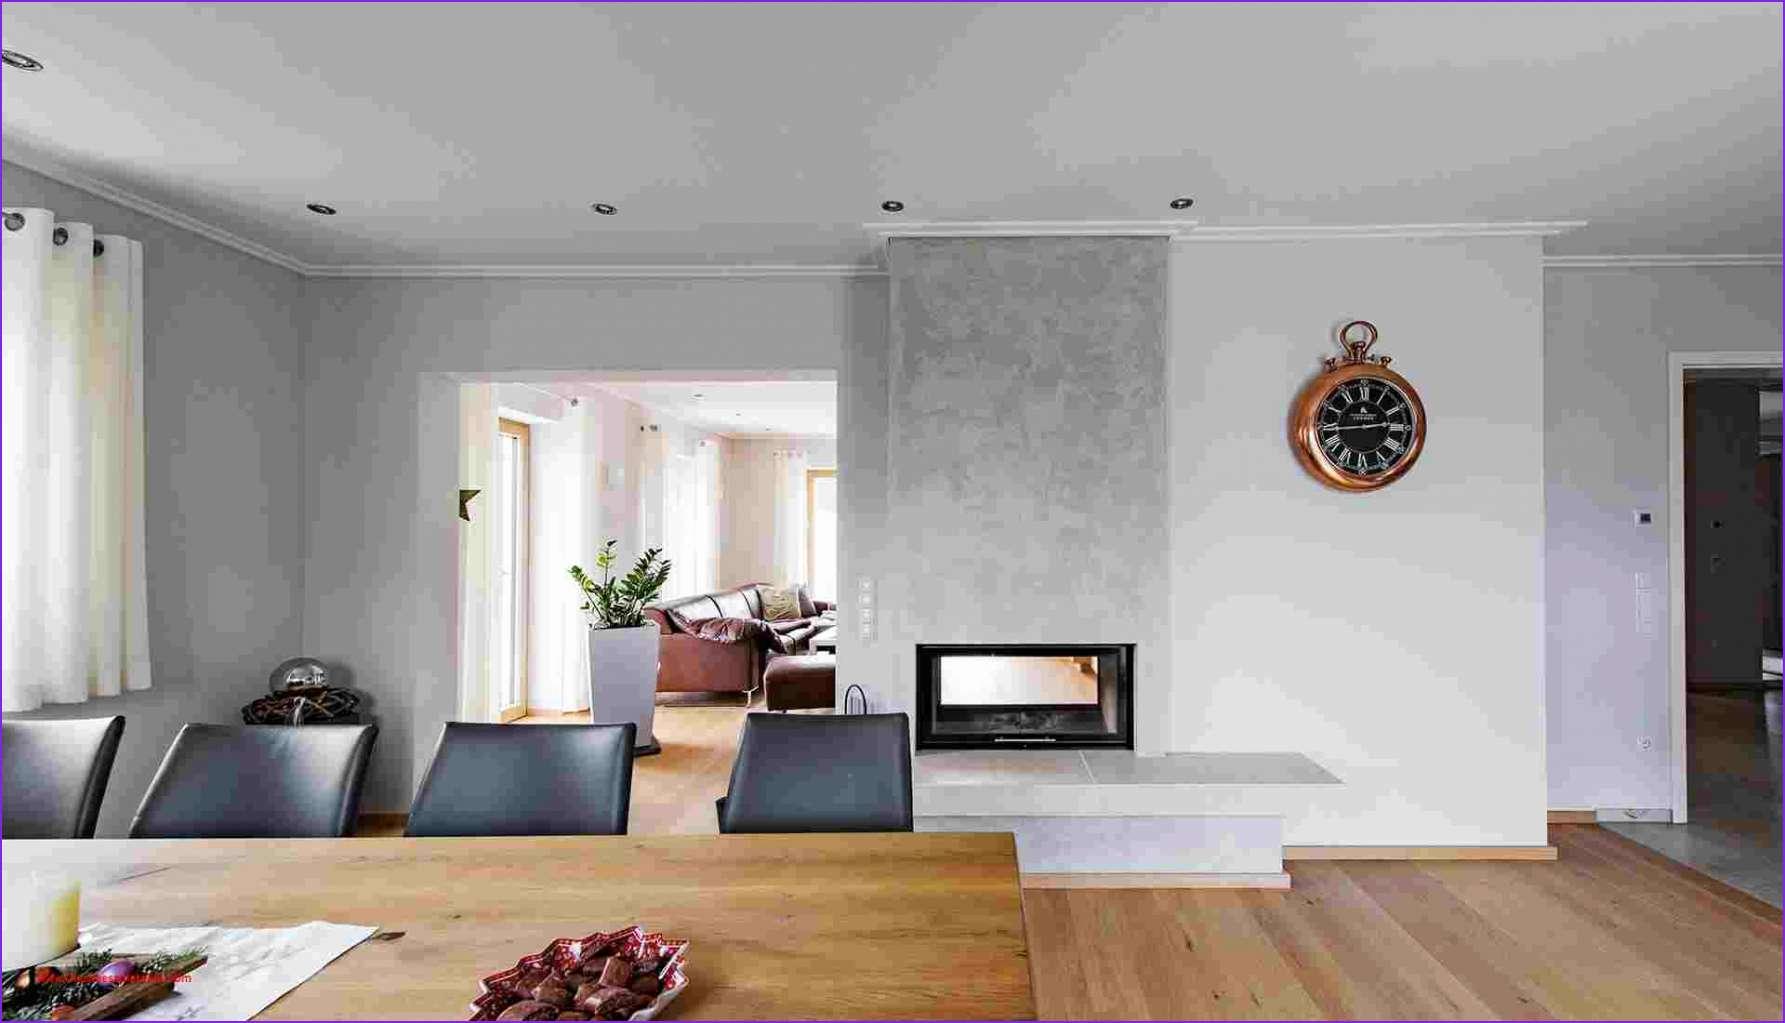 Deckenleuchte Wohnzimmer Design betty chaulert